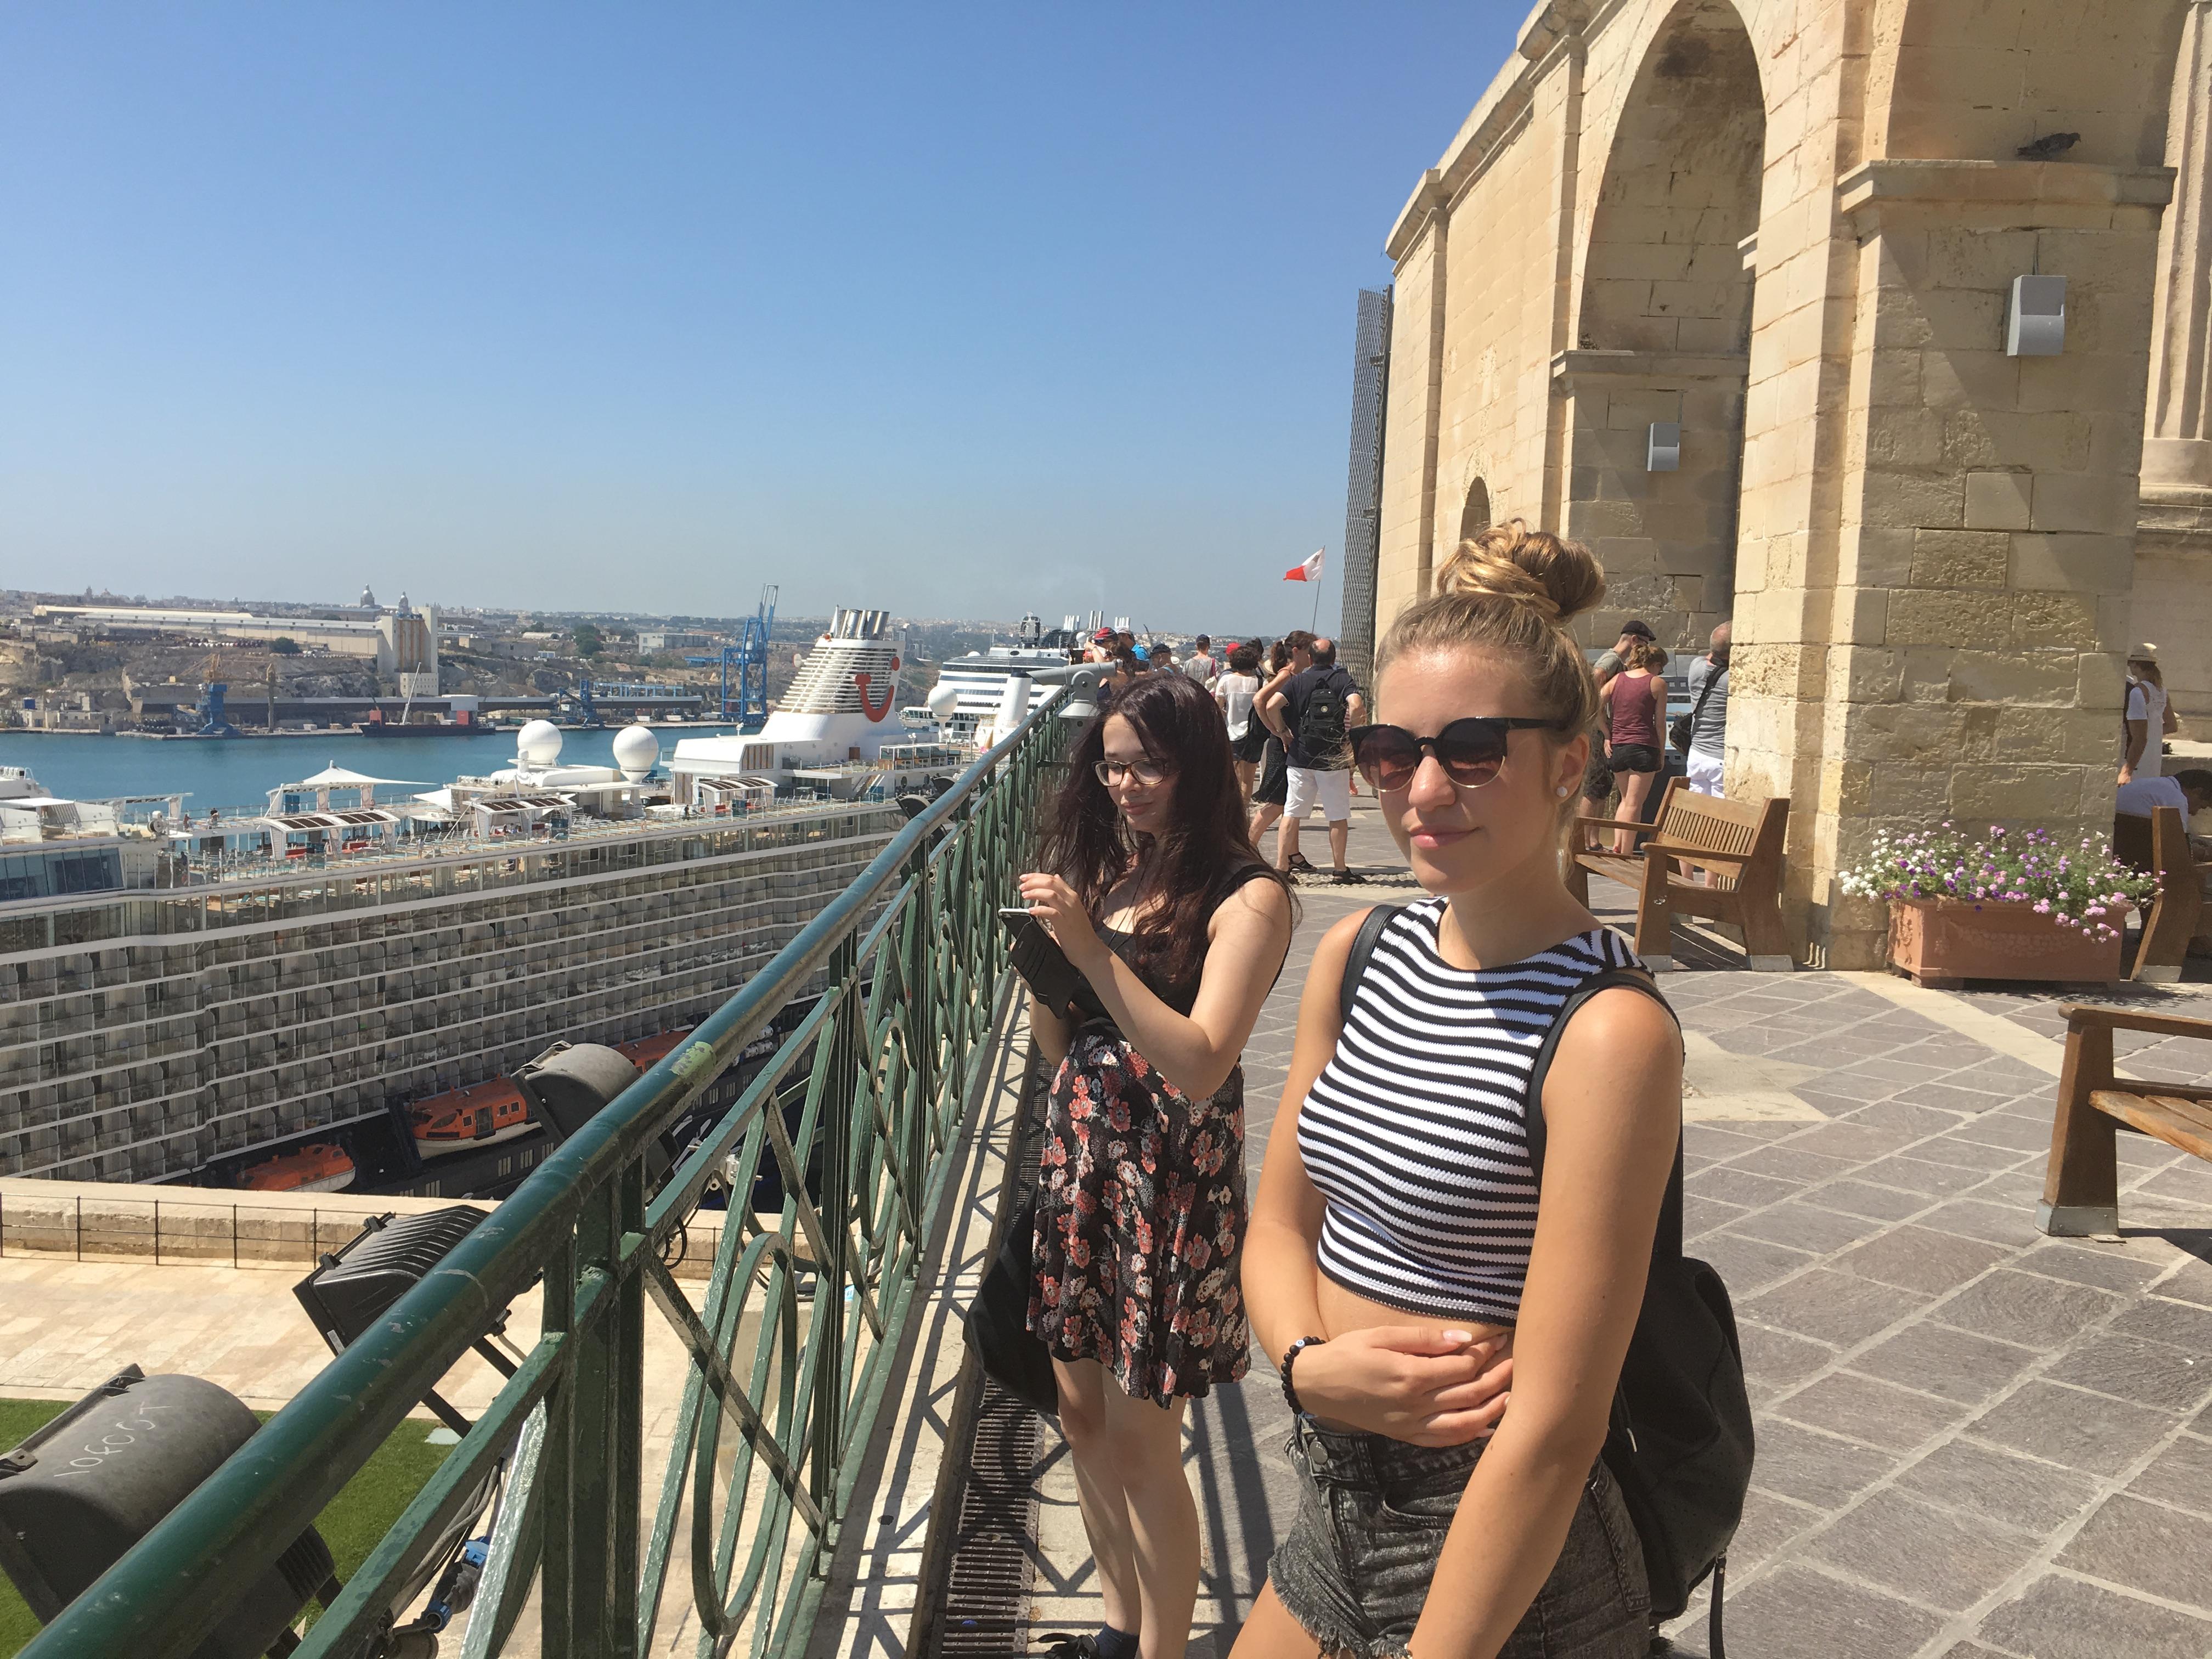 Jazykové pobyty - spoznávanie Valletty